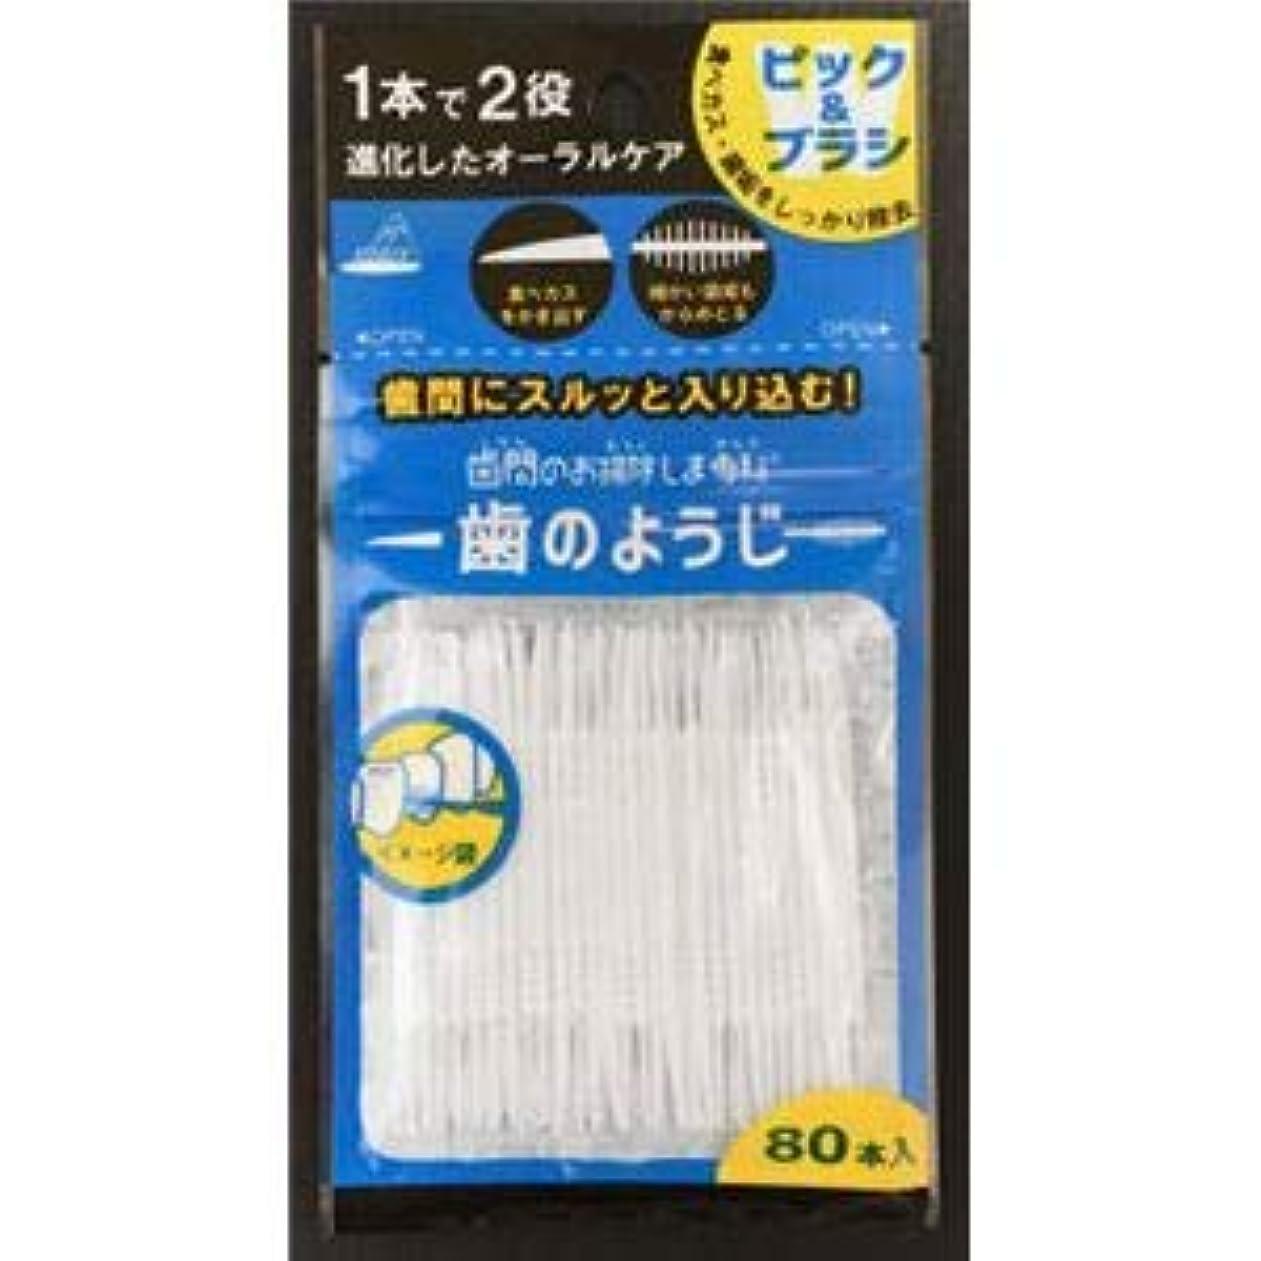 甘美なプラスチック願望(まとめ)アヌシ OB-807 歯間のお掃除しま専科 歯のようじ80本入 【×5点セット】